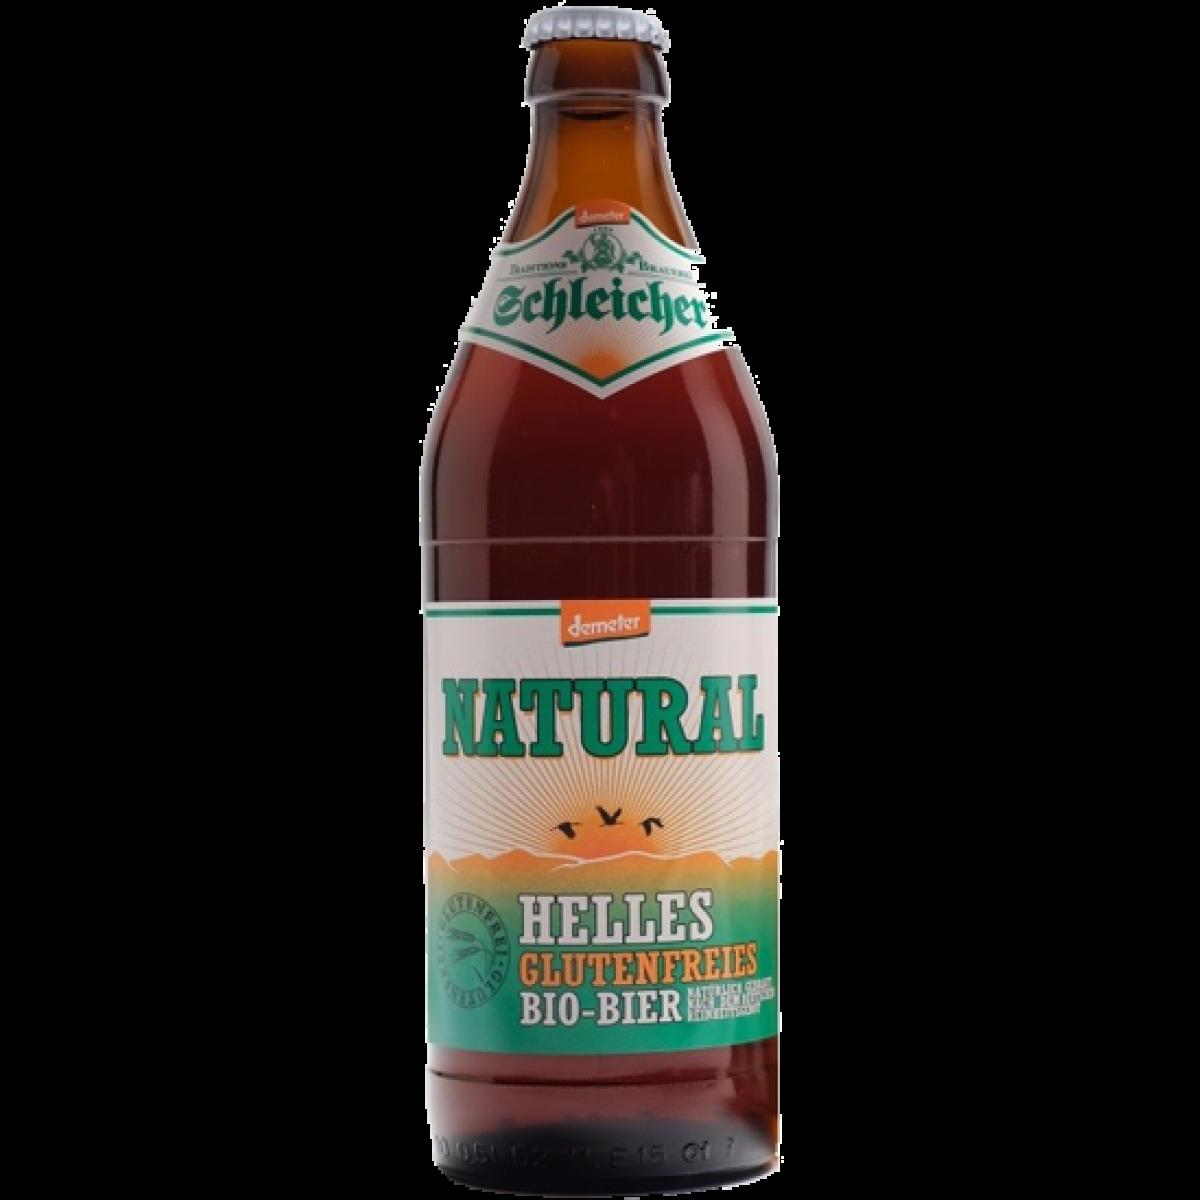 Natural Helles Bier (0.5 Liter)